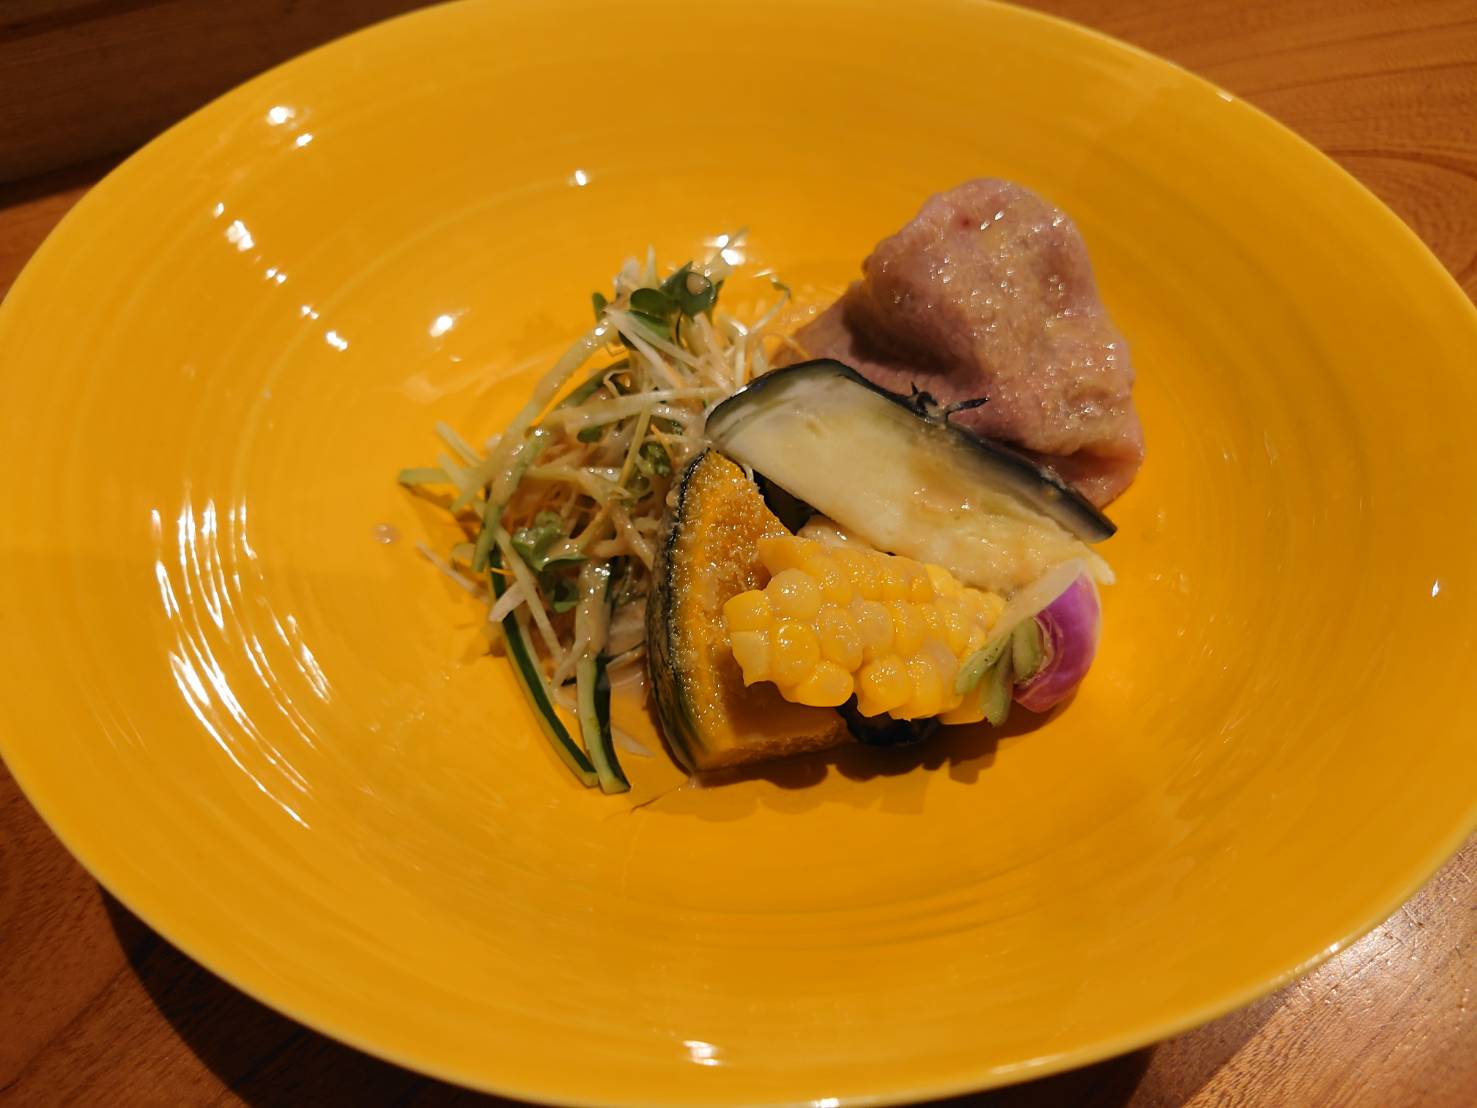 【日本料理みつわ】近江牛<p>日本三大和牛のひとつ、近江牛。 豊かな緑の大地で育ち、 その優れた肉質は格別でございます。 本日は、夏野菜と共に冷しゃぶでご用意いたしました。 KENZO ESTATE rindoとのペアリングもおすすめです。</p>